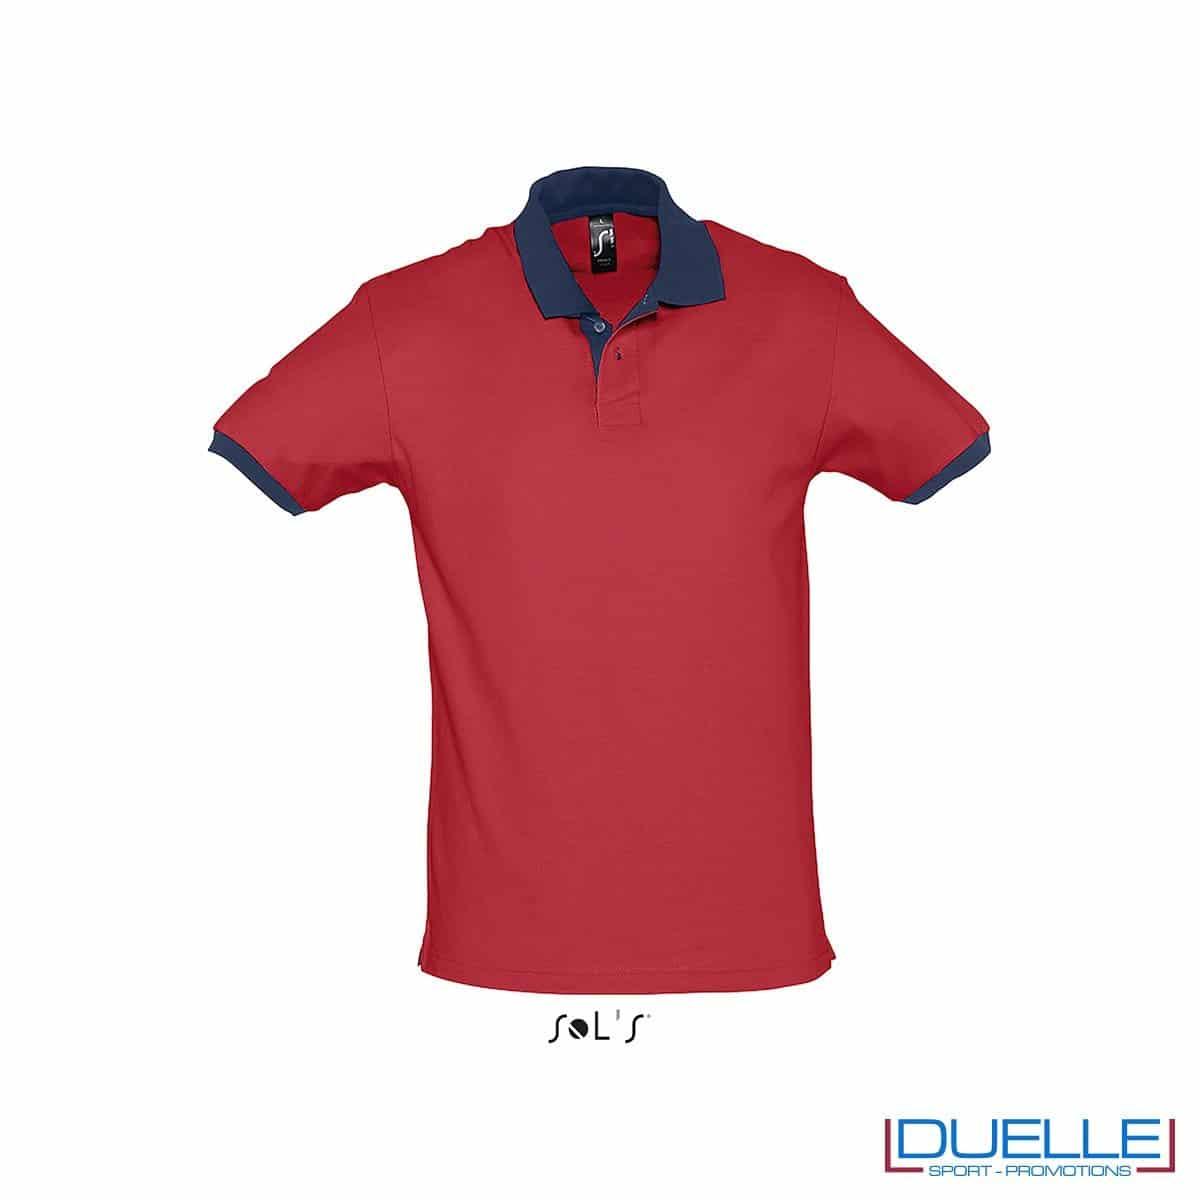 polo personalizzata color rosso con finiture a contrasto, abbigliamento promozionale personalizzato